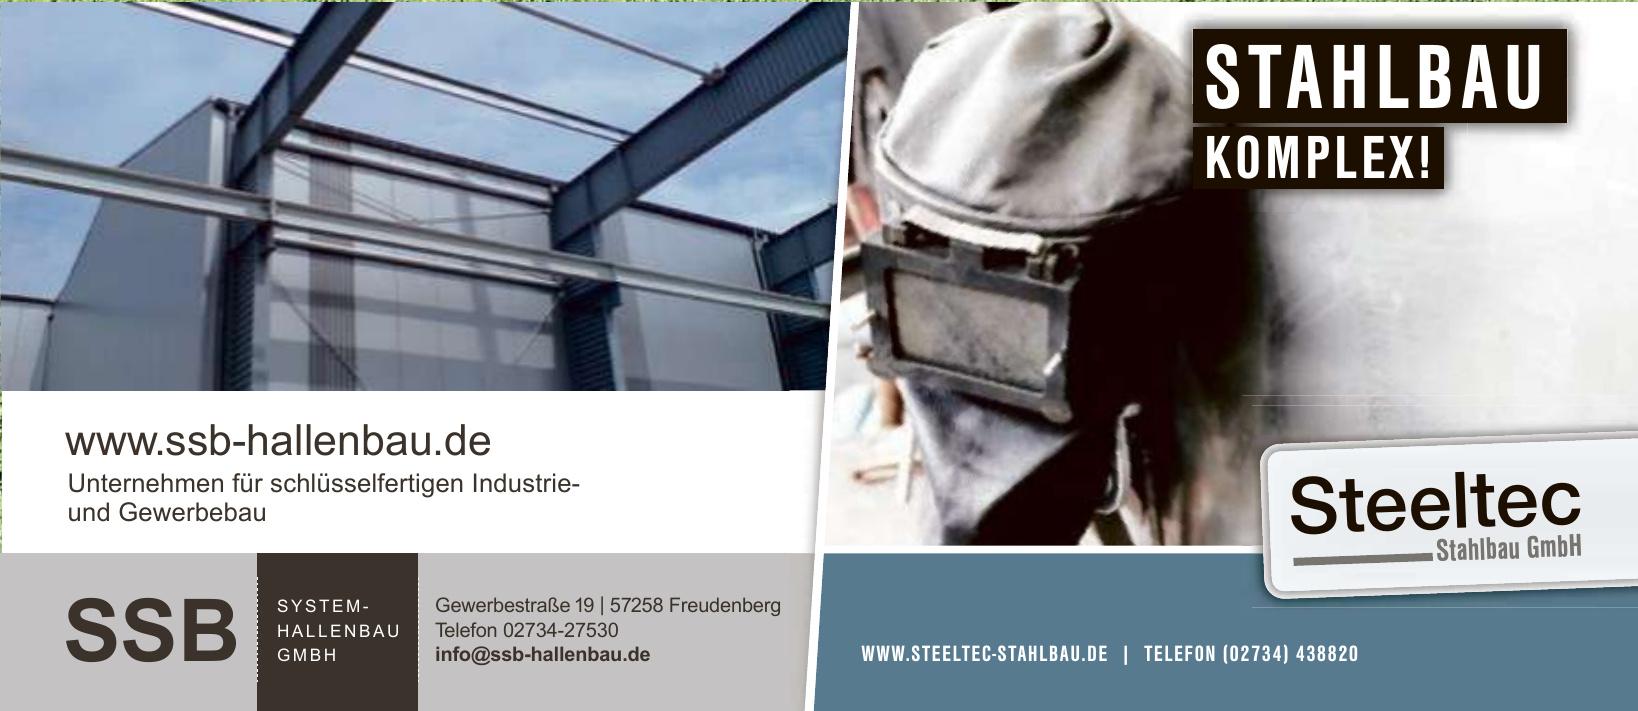 Steeltec Stahlbau GmbH